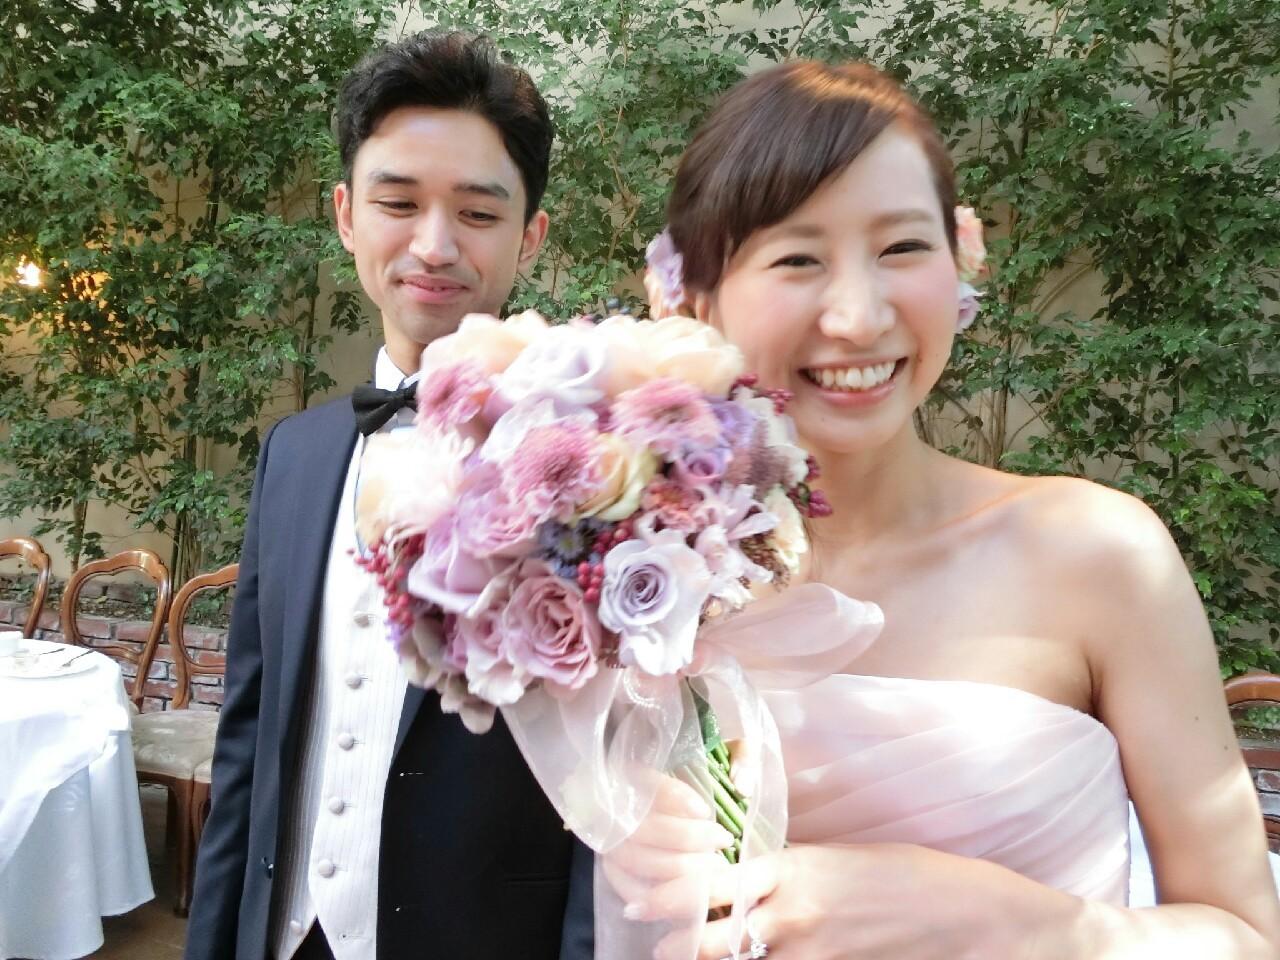 結婚式後のブーケの保存 お母様手作りのバラのドライフラワー ASOの花嫁様より_a0042928_13243270.jpg